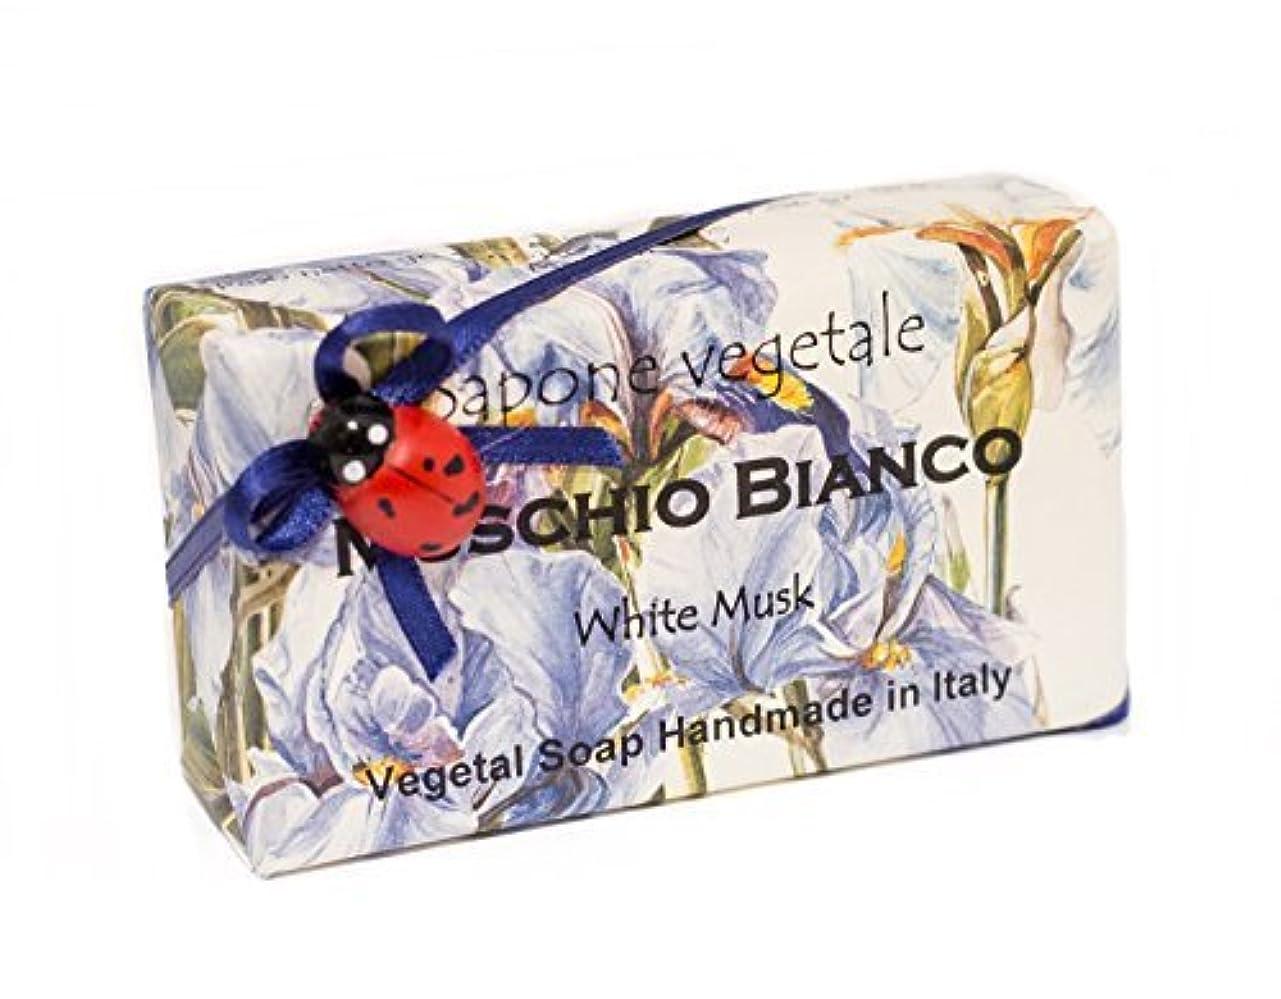 羽珍味森Alchimia 高級ギフトボックス付きMuschioビアンコ(WHTEムスク)、イタリアからの野菜の手作り石鹸バー、 [並行輸入品]